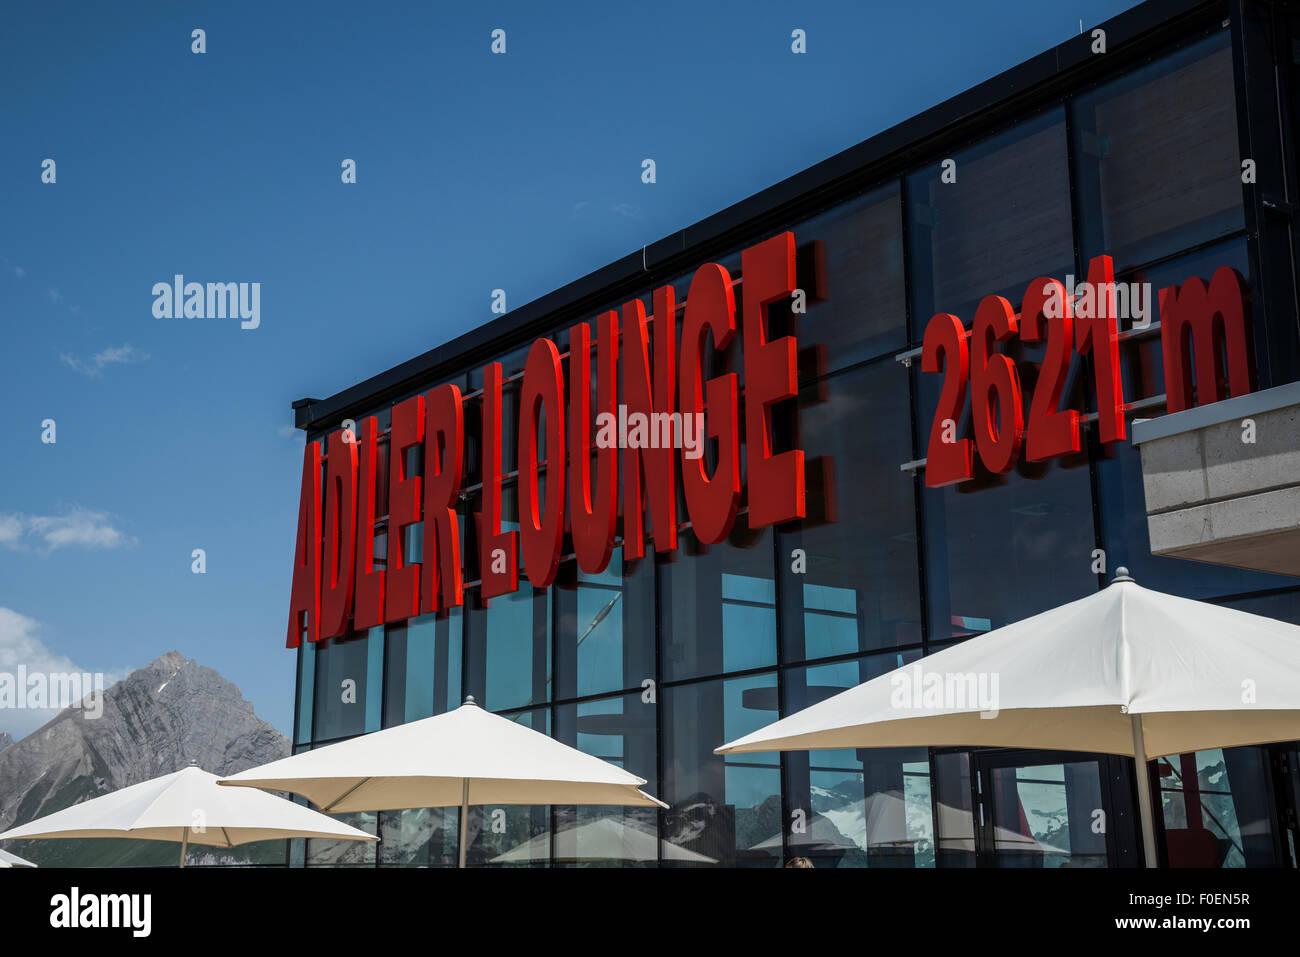 Adler Lounge, High Tauern National Park, East Tirol Kals, Tirol, Austria Imagen De Stock